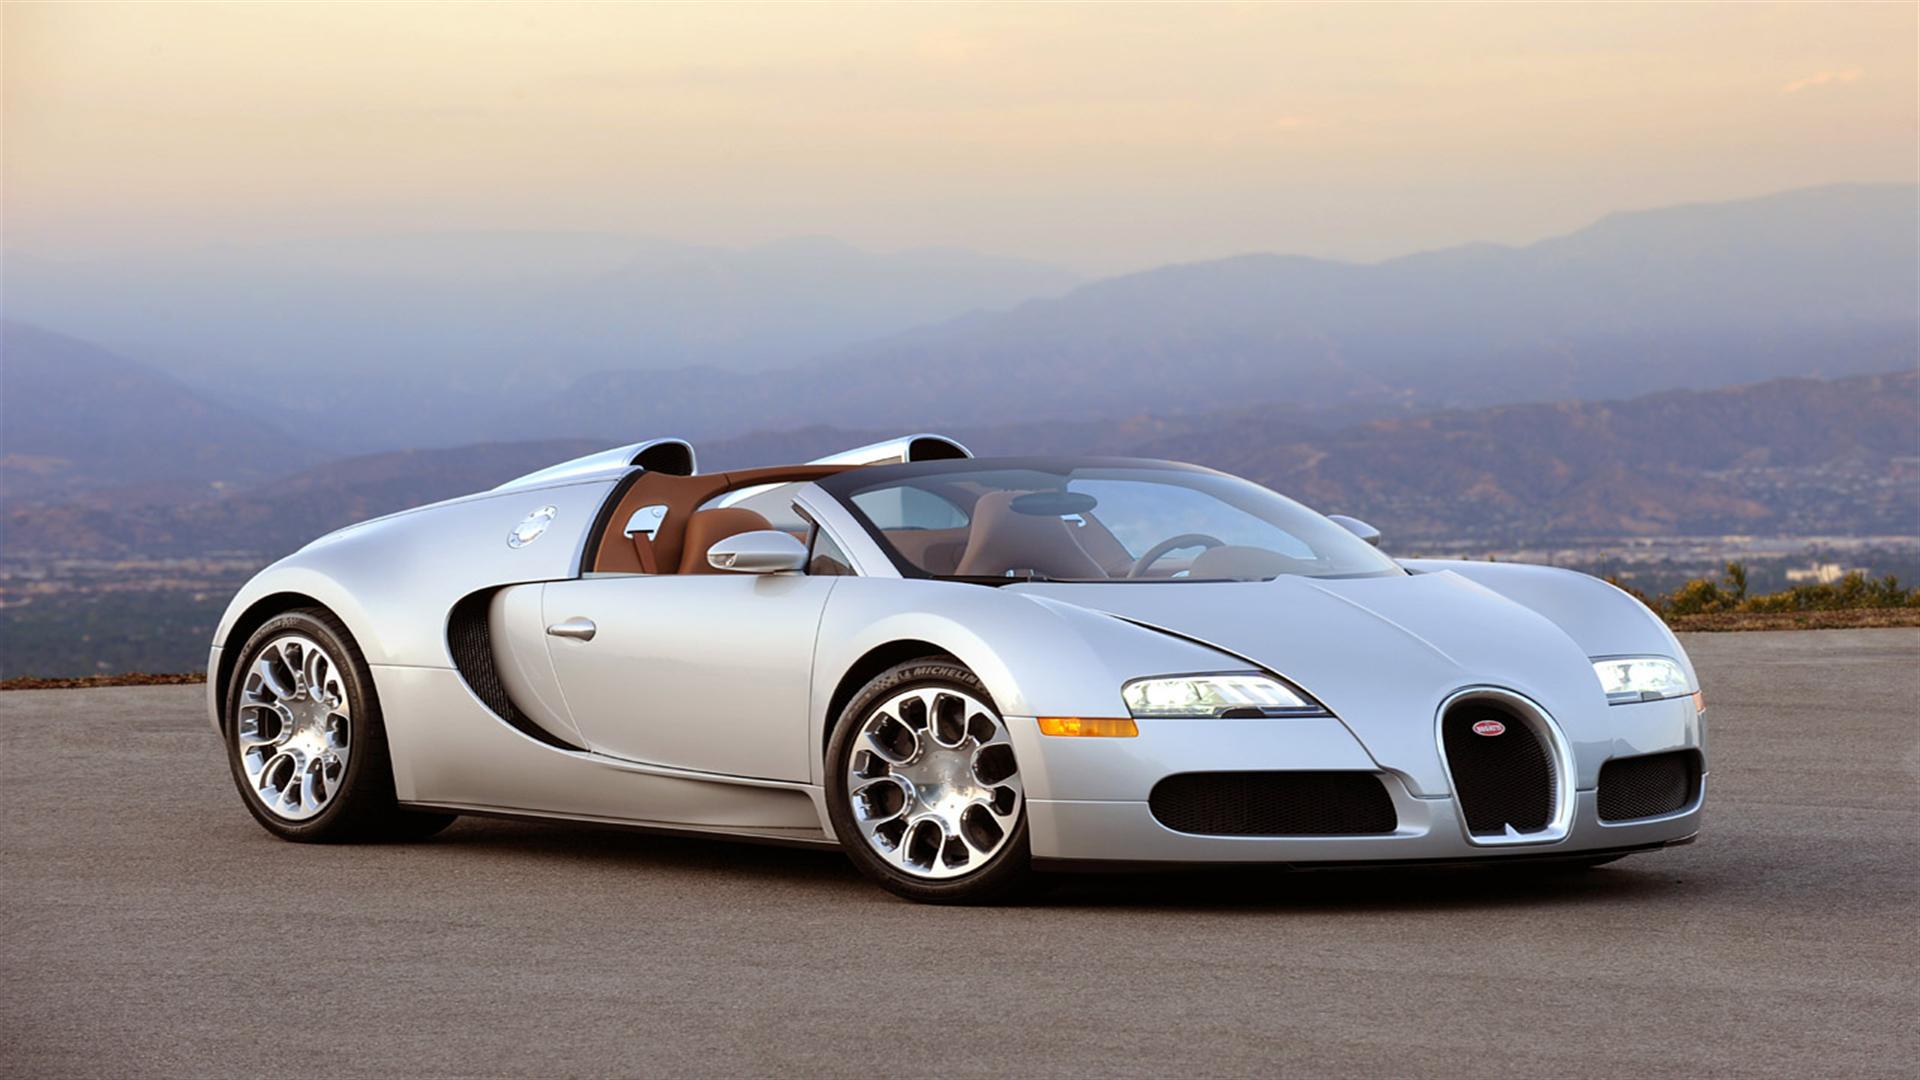 45 Bugatti Hd Wallpapers 1080p On Wallpapersafari